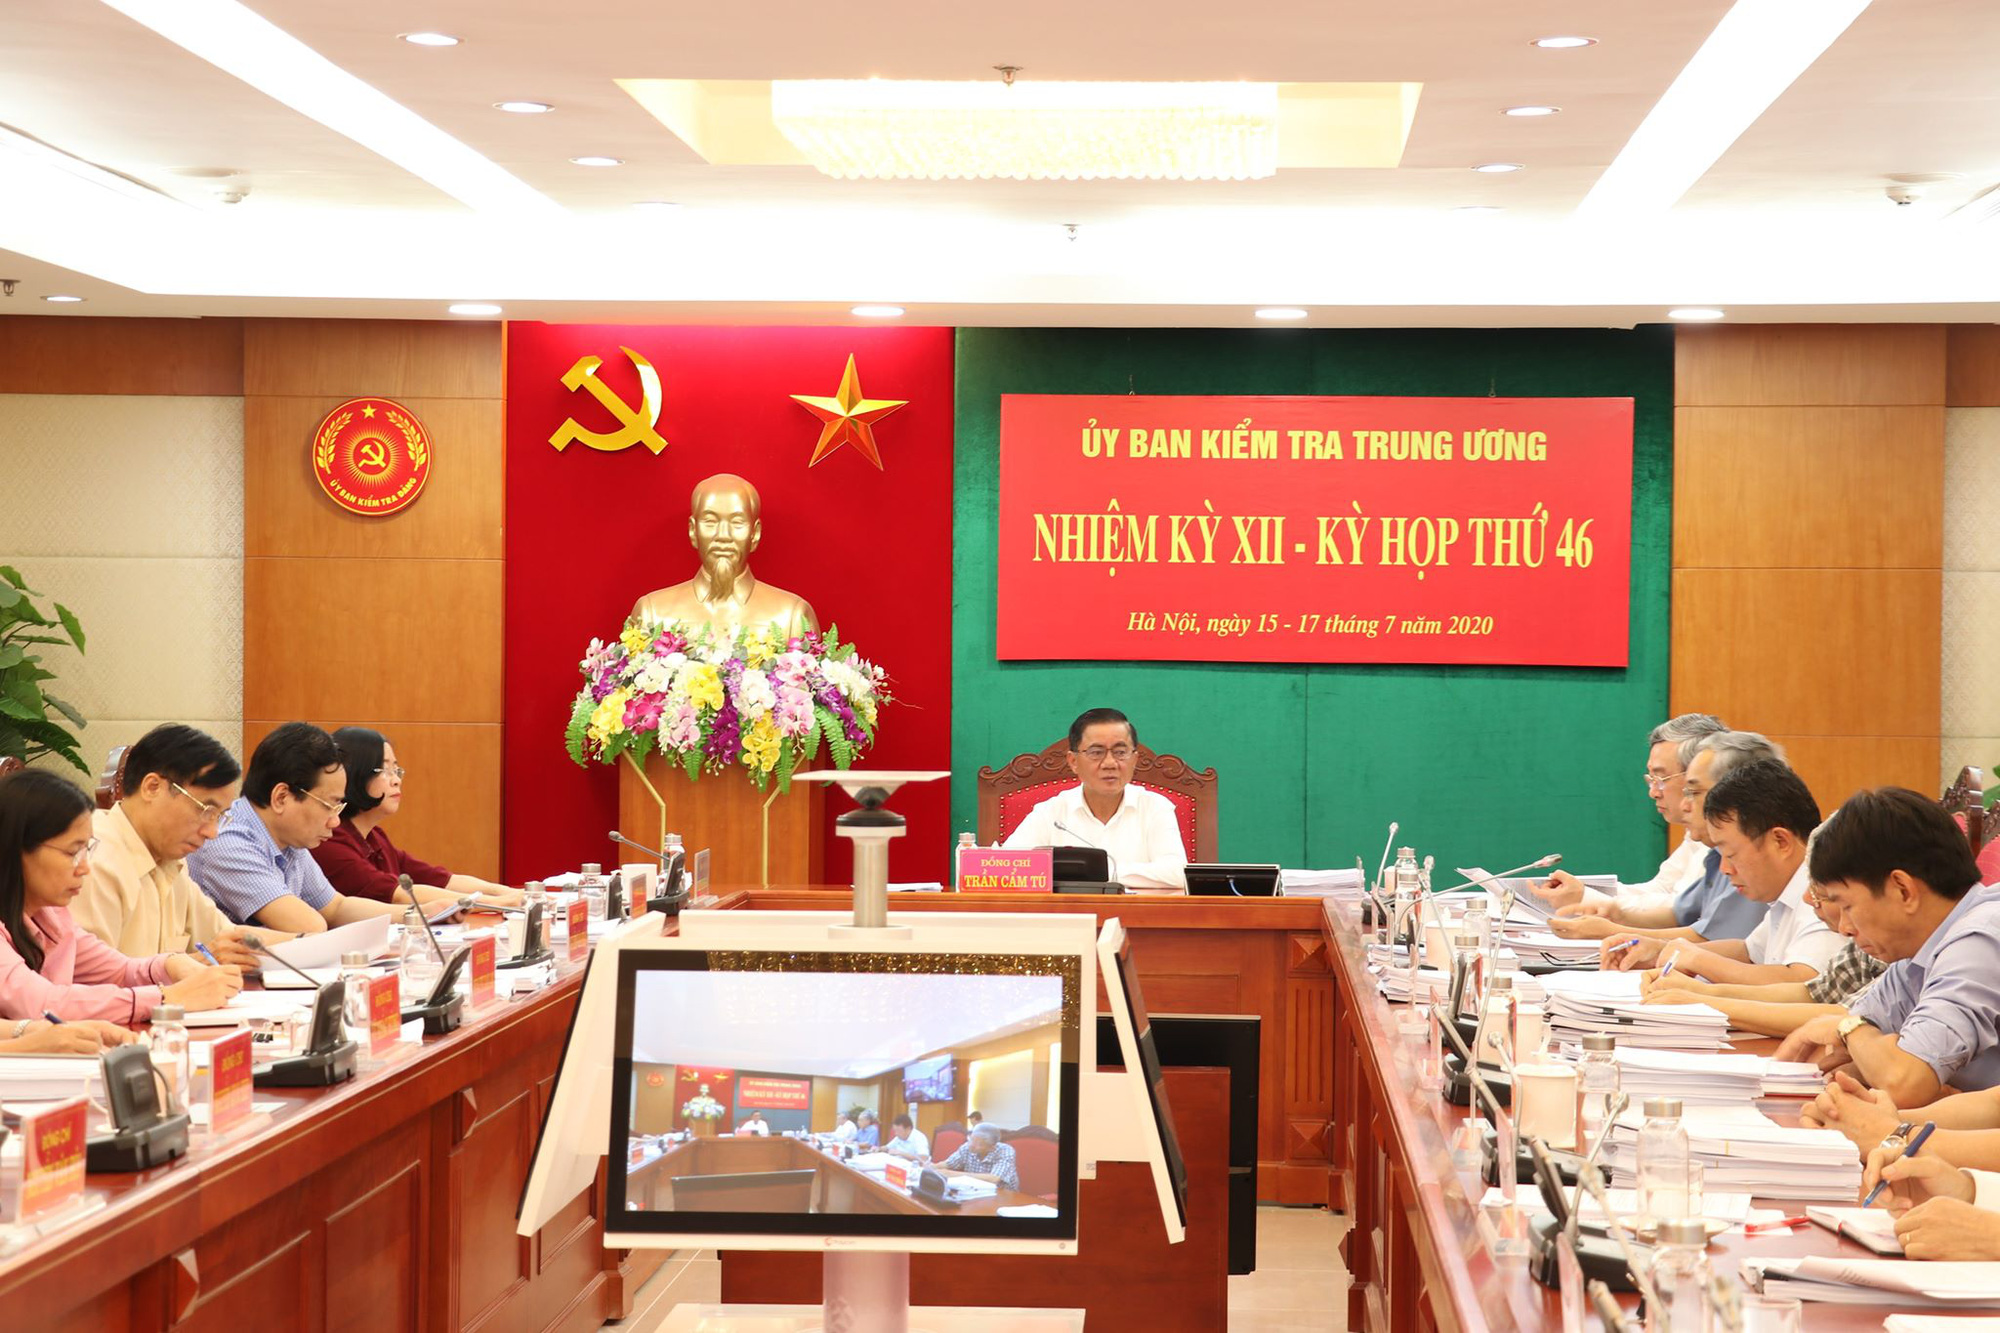 Cảnh cáo Thiếu tướng Nguyễn Hoàng, đề nghị luật Trung tướng Dương Đức Hòa, nguyên Tư lệnh Quân khu 2 - Ảnh 1.